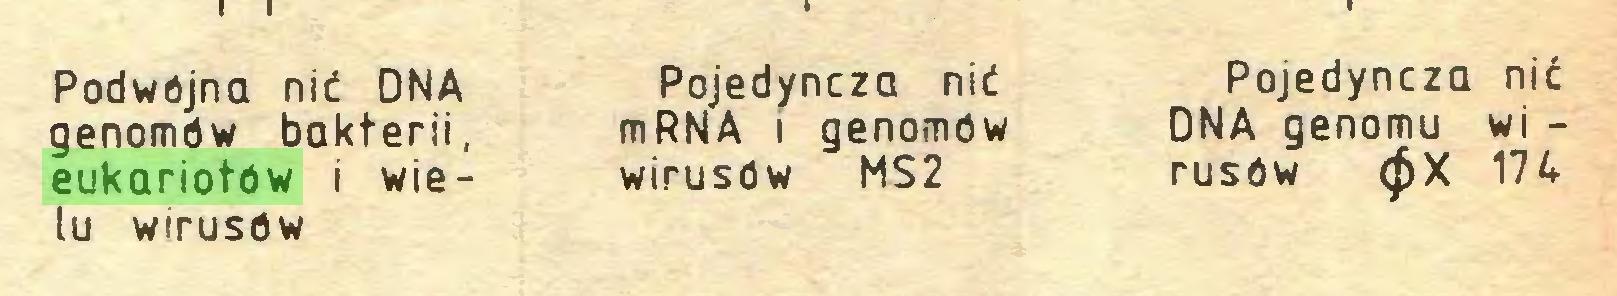 (...) Podwójna nić DNA genomów bakterii, eukariotów i wielu wirusów Pojedyncza nić mRNA i genomów wirusów MS2 Pojedyncza nić DNA genomu wi rusów <£X 174...